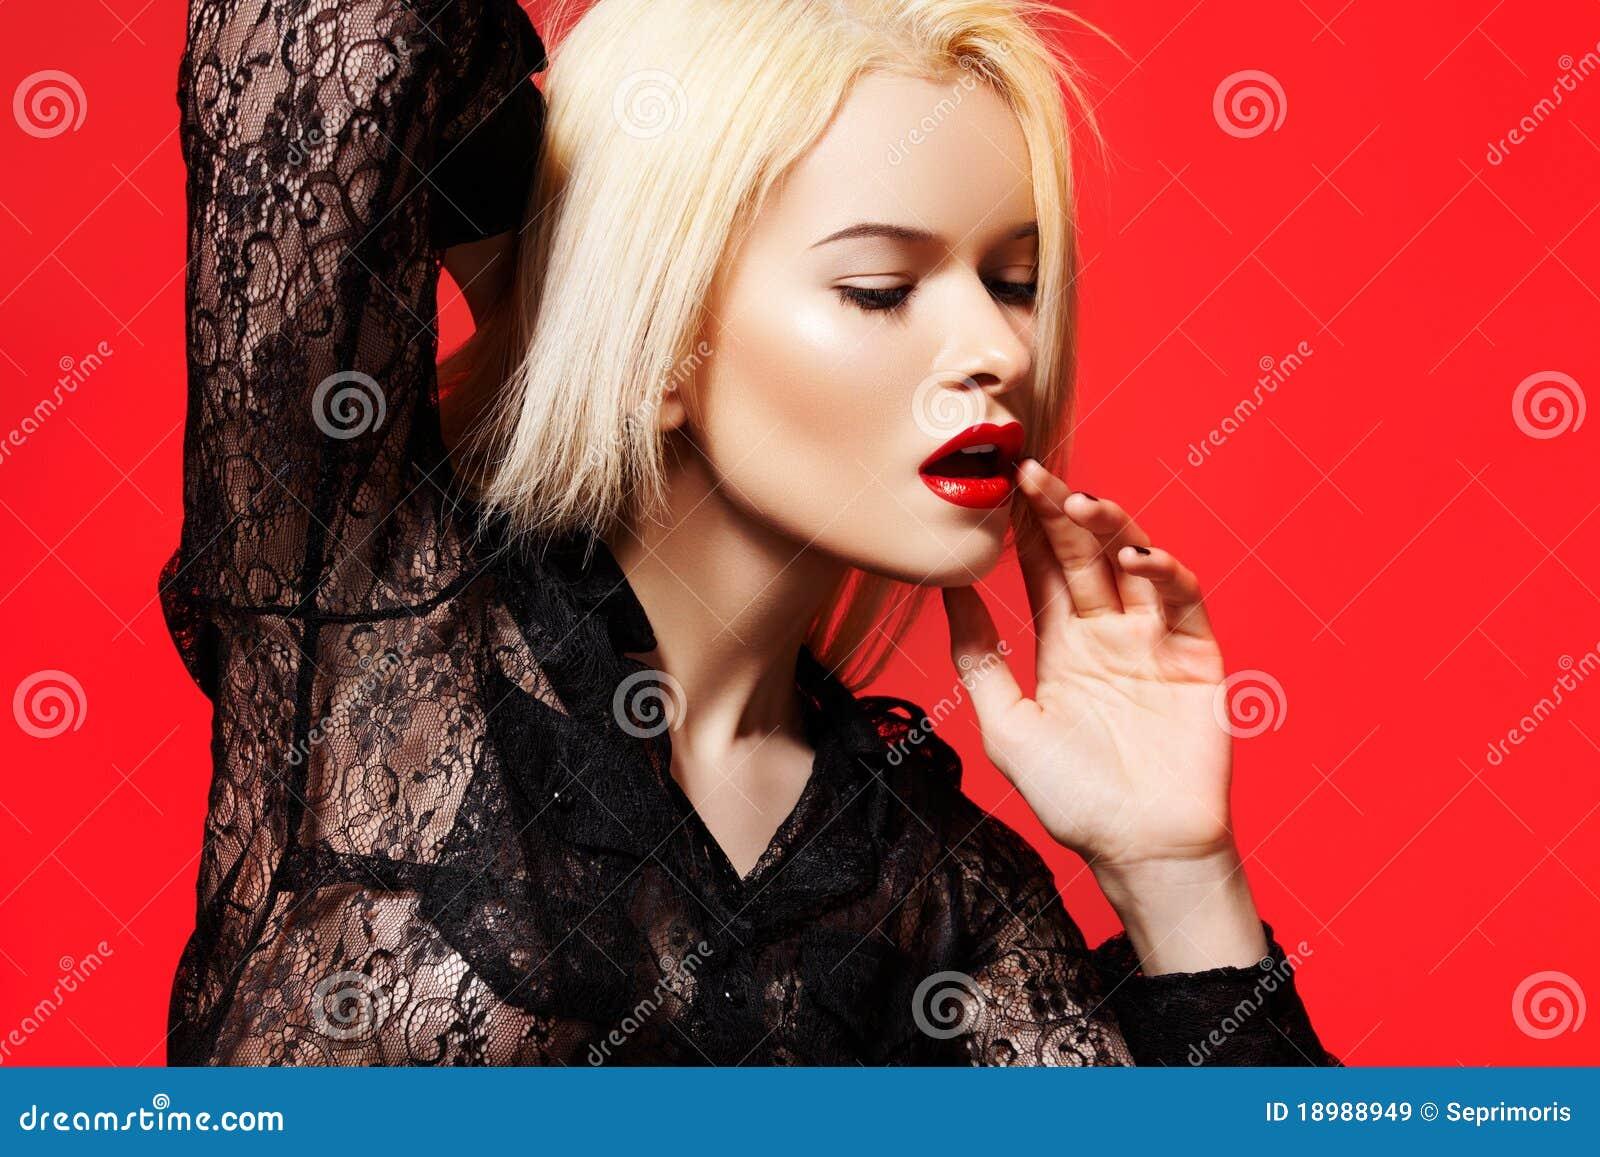 Fashion woman in dynamic model pose, lace shirt